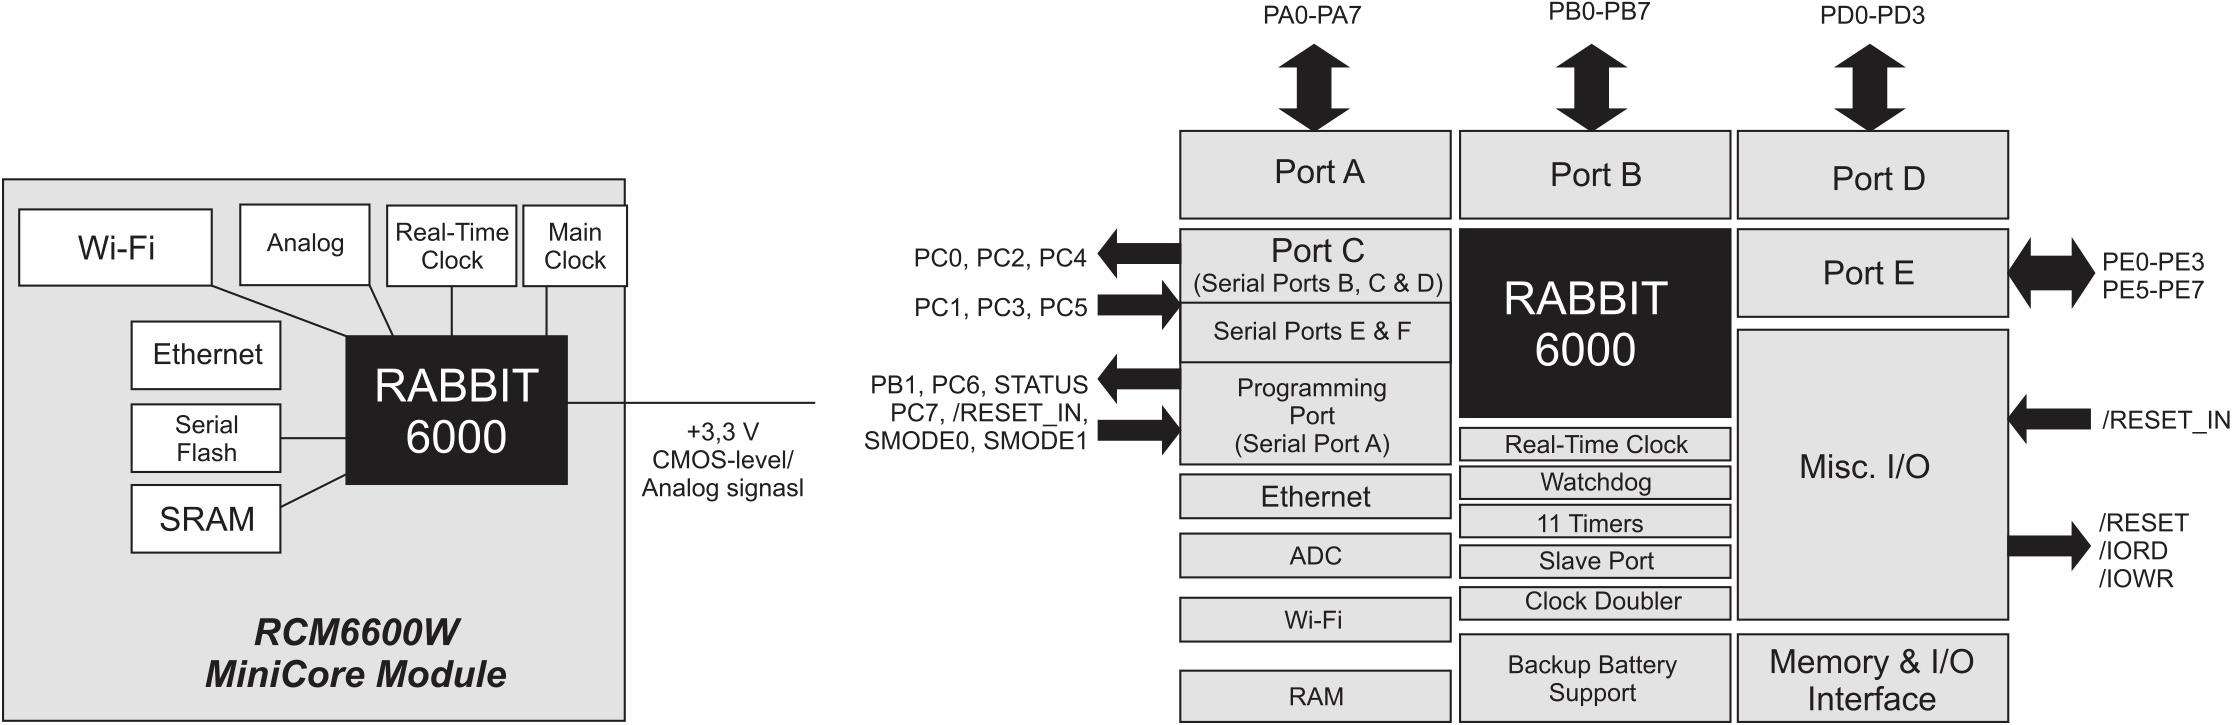 Структурная схема модулей RCM6600W MiniCore и доступные порты ввода/вывода